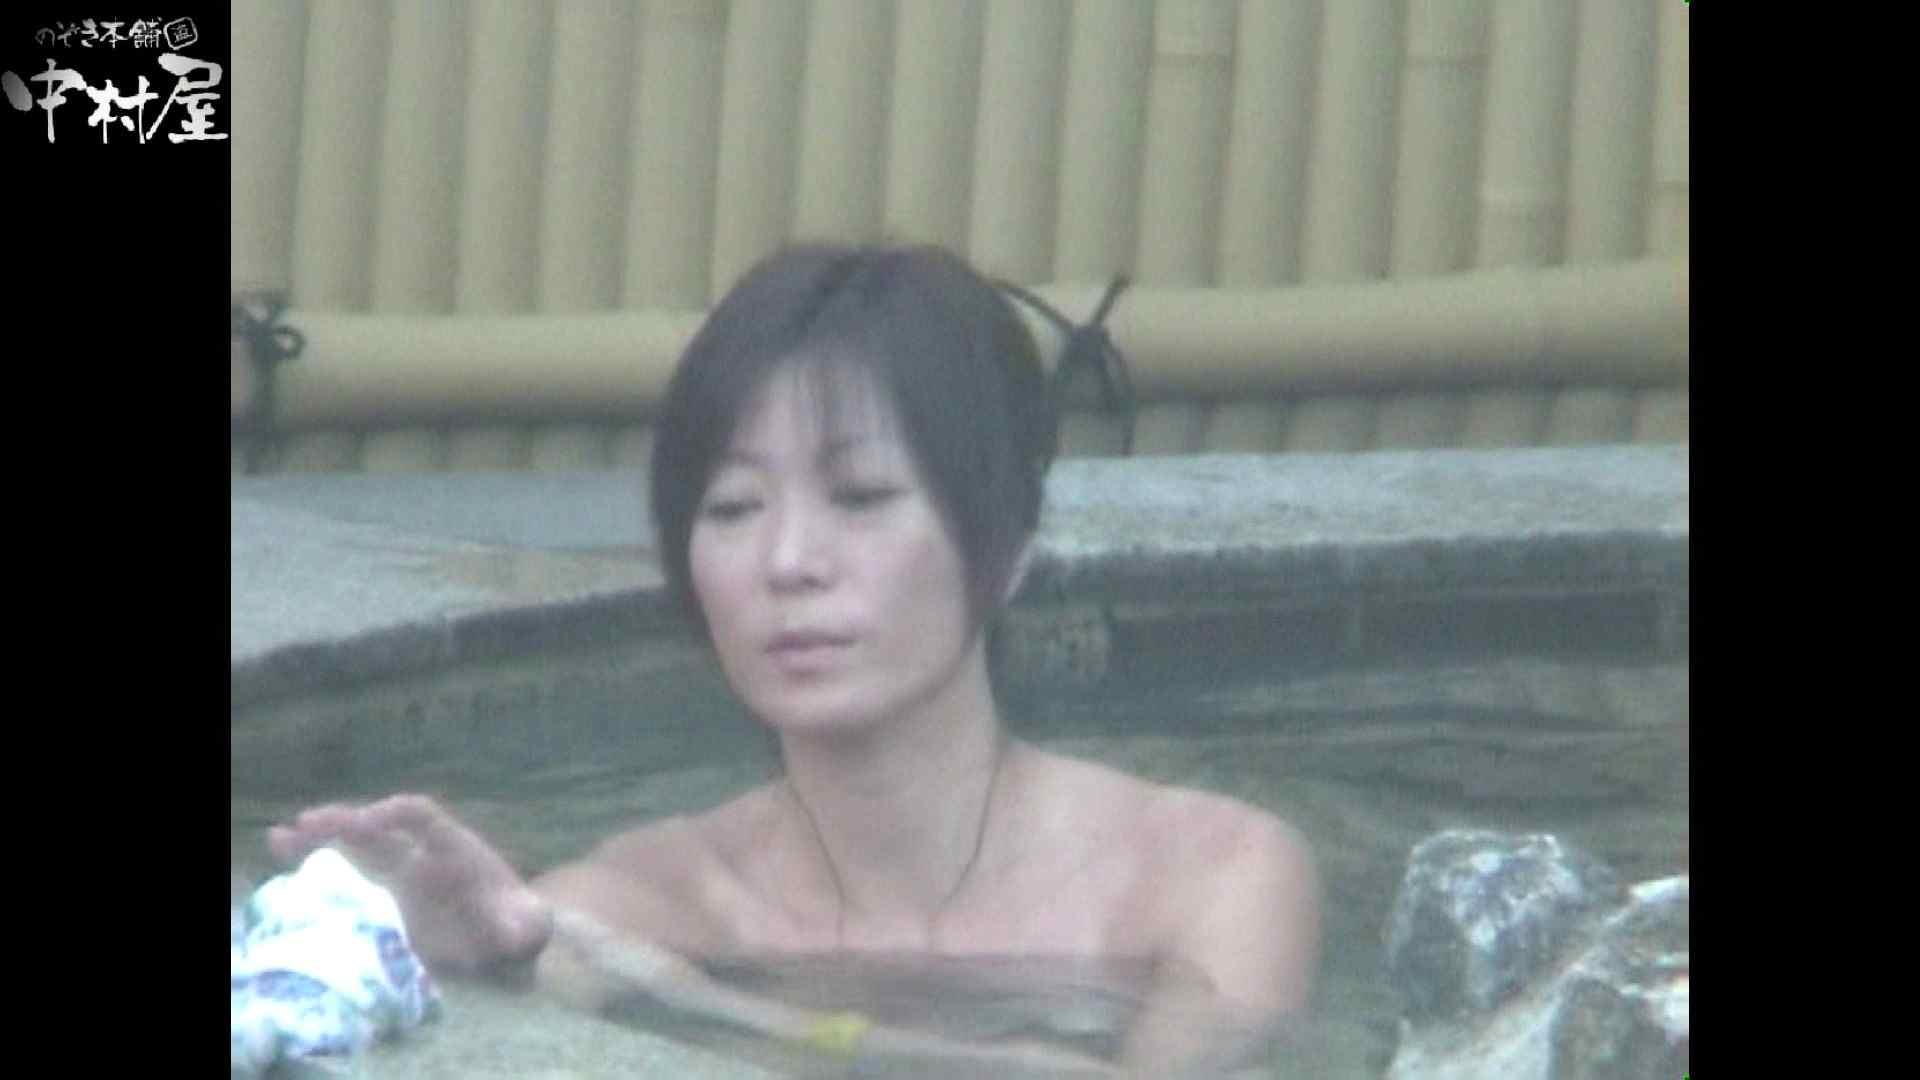 Aquaな露天風呂Vol.972 OLのエロ生活   盗撮  105連発 91